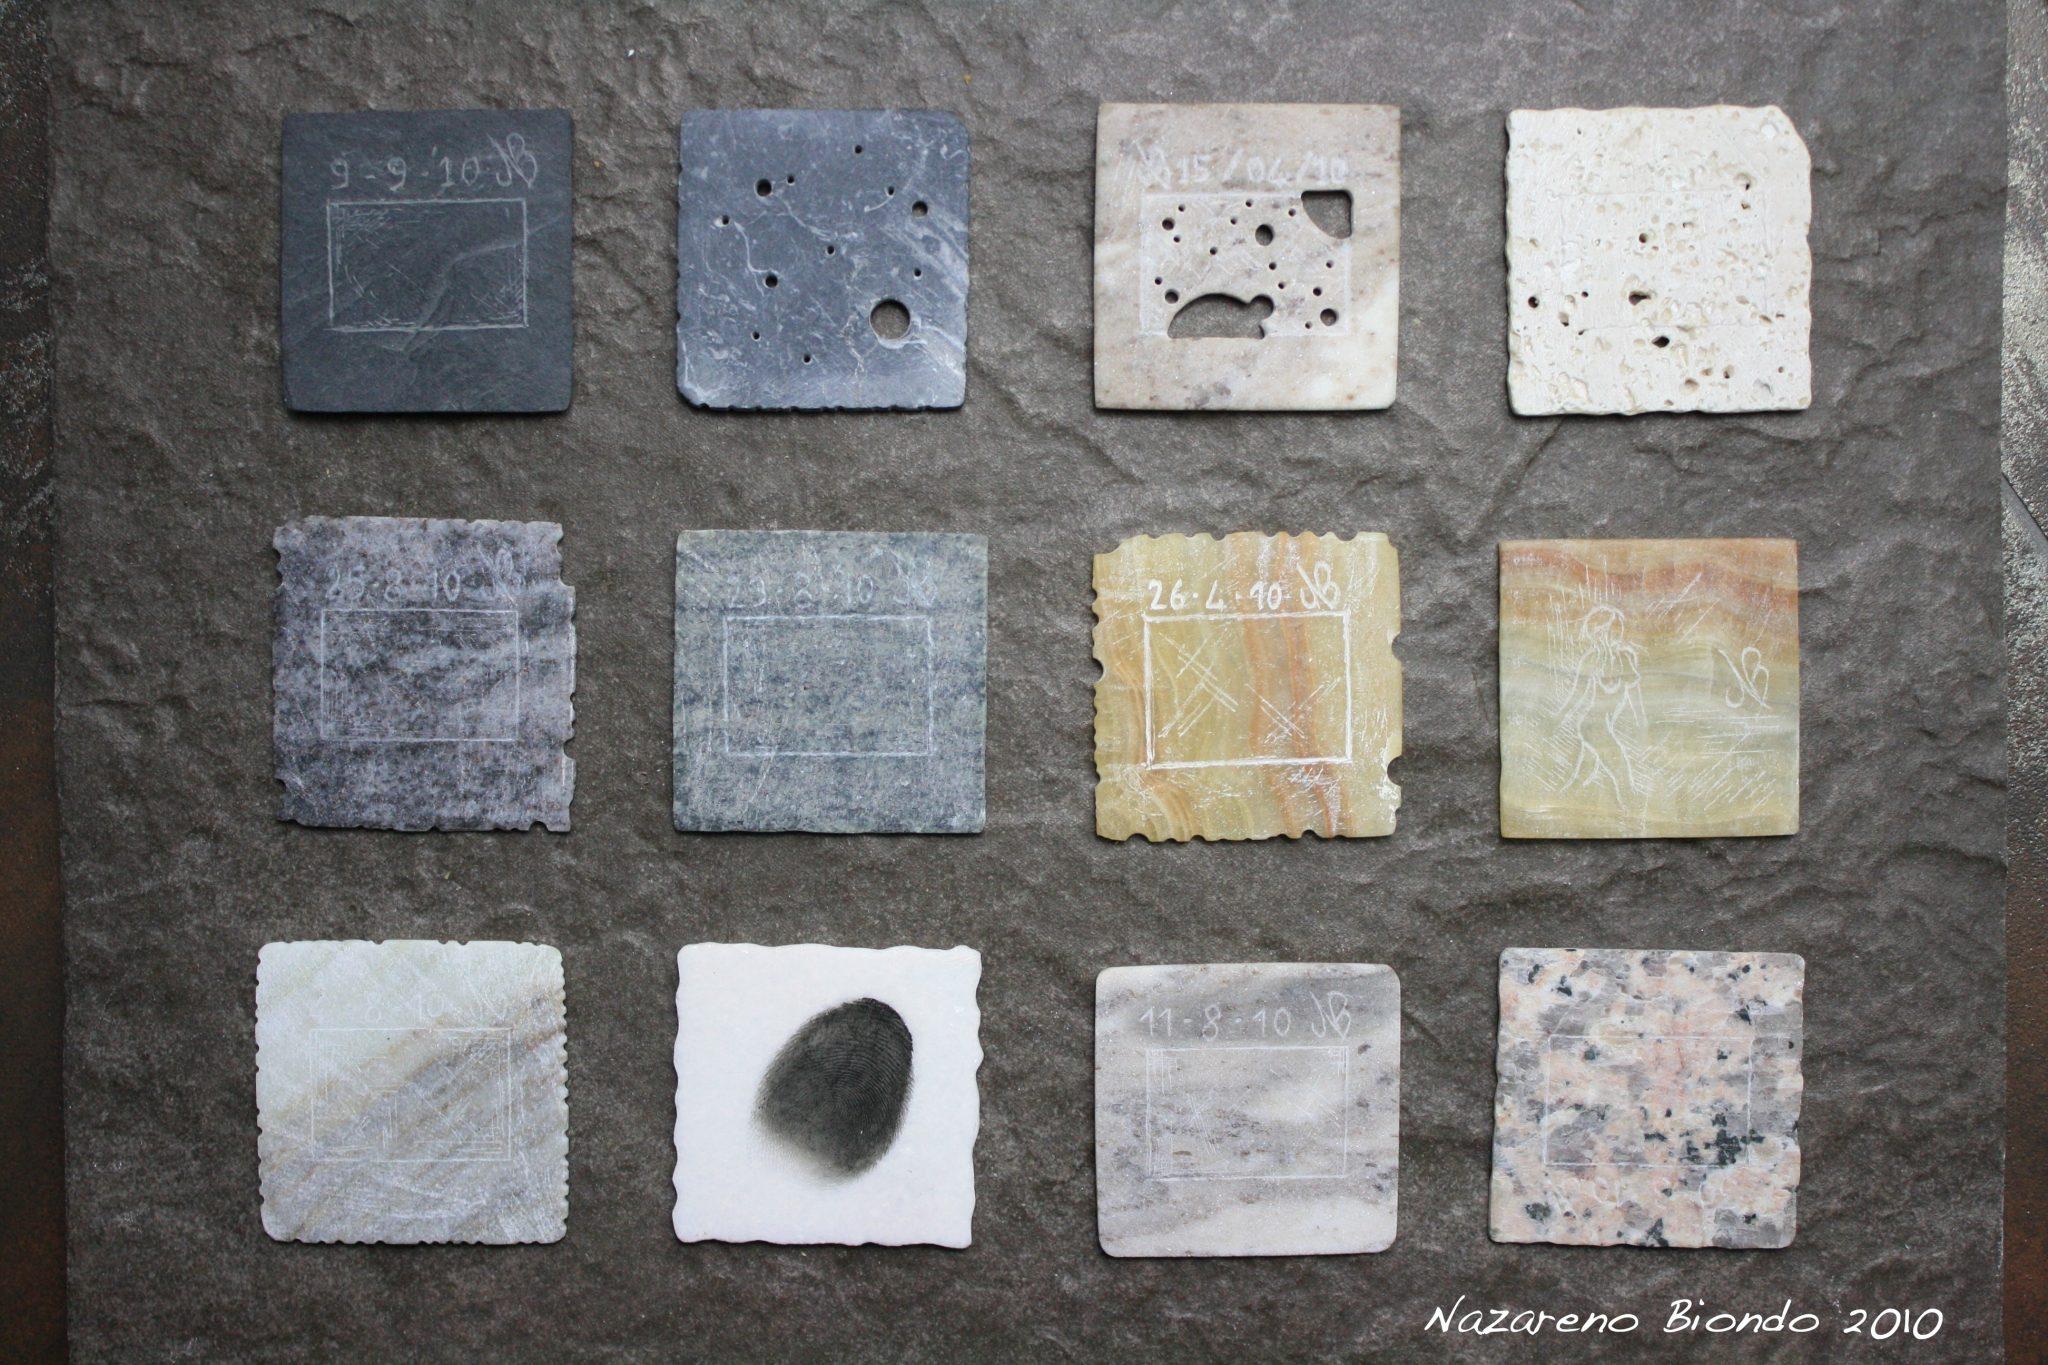 Nazareno Biondo, diapositive proiettabili riprodotte in vari tipi di marmo. light through the stone. 2010. 5x5x0,2 cm